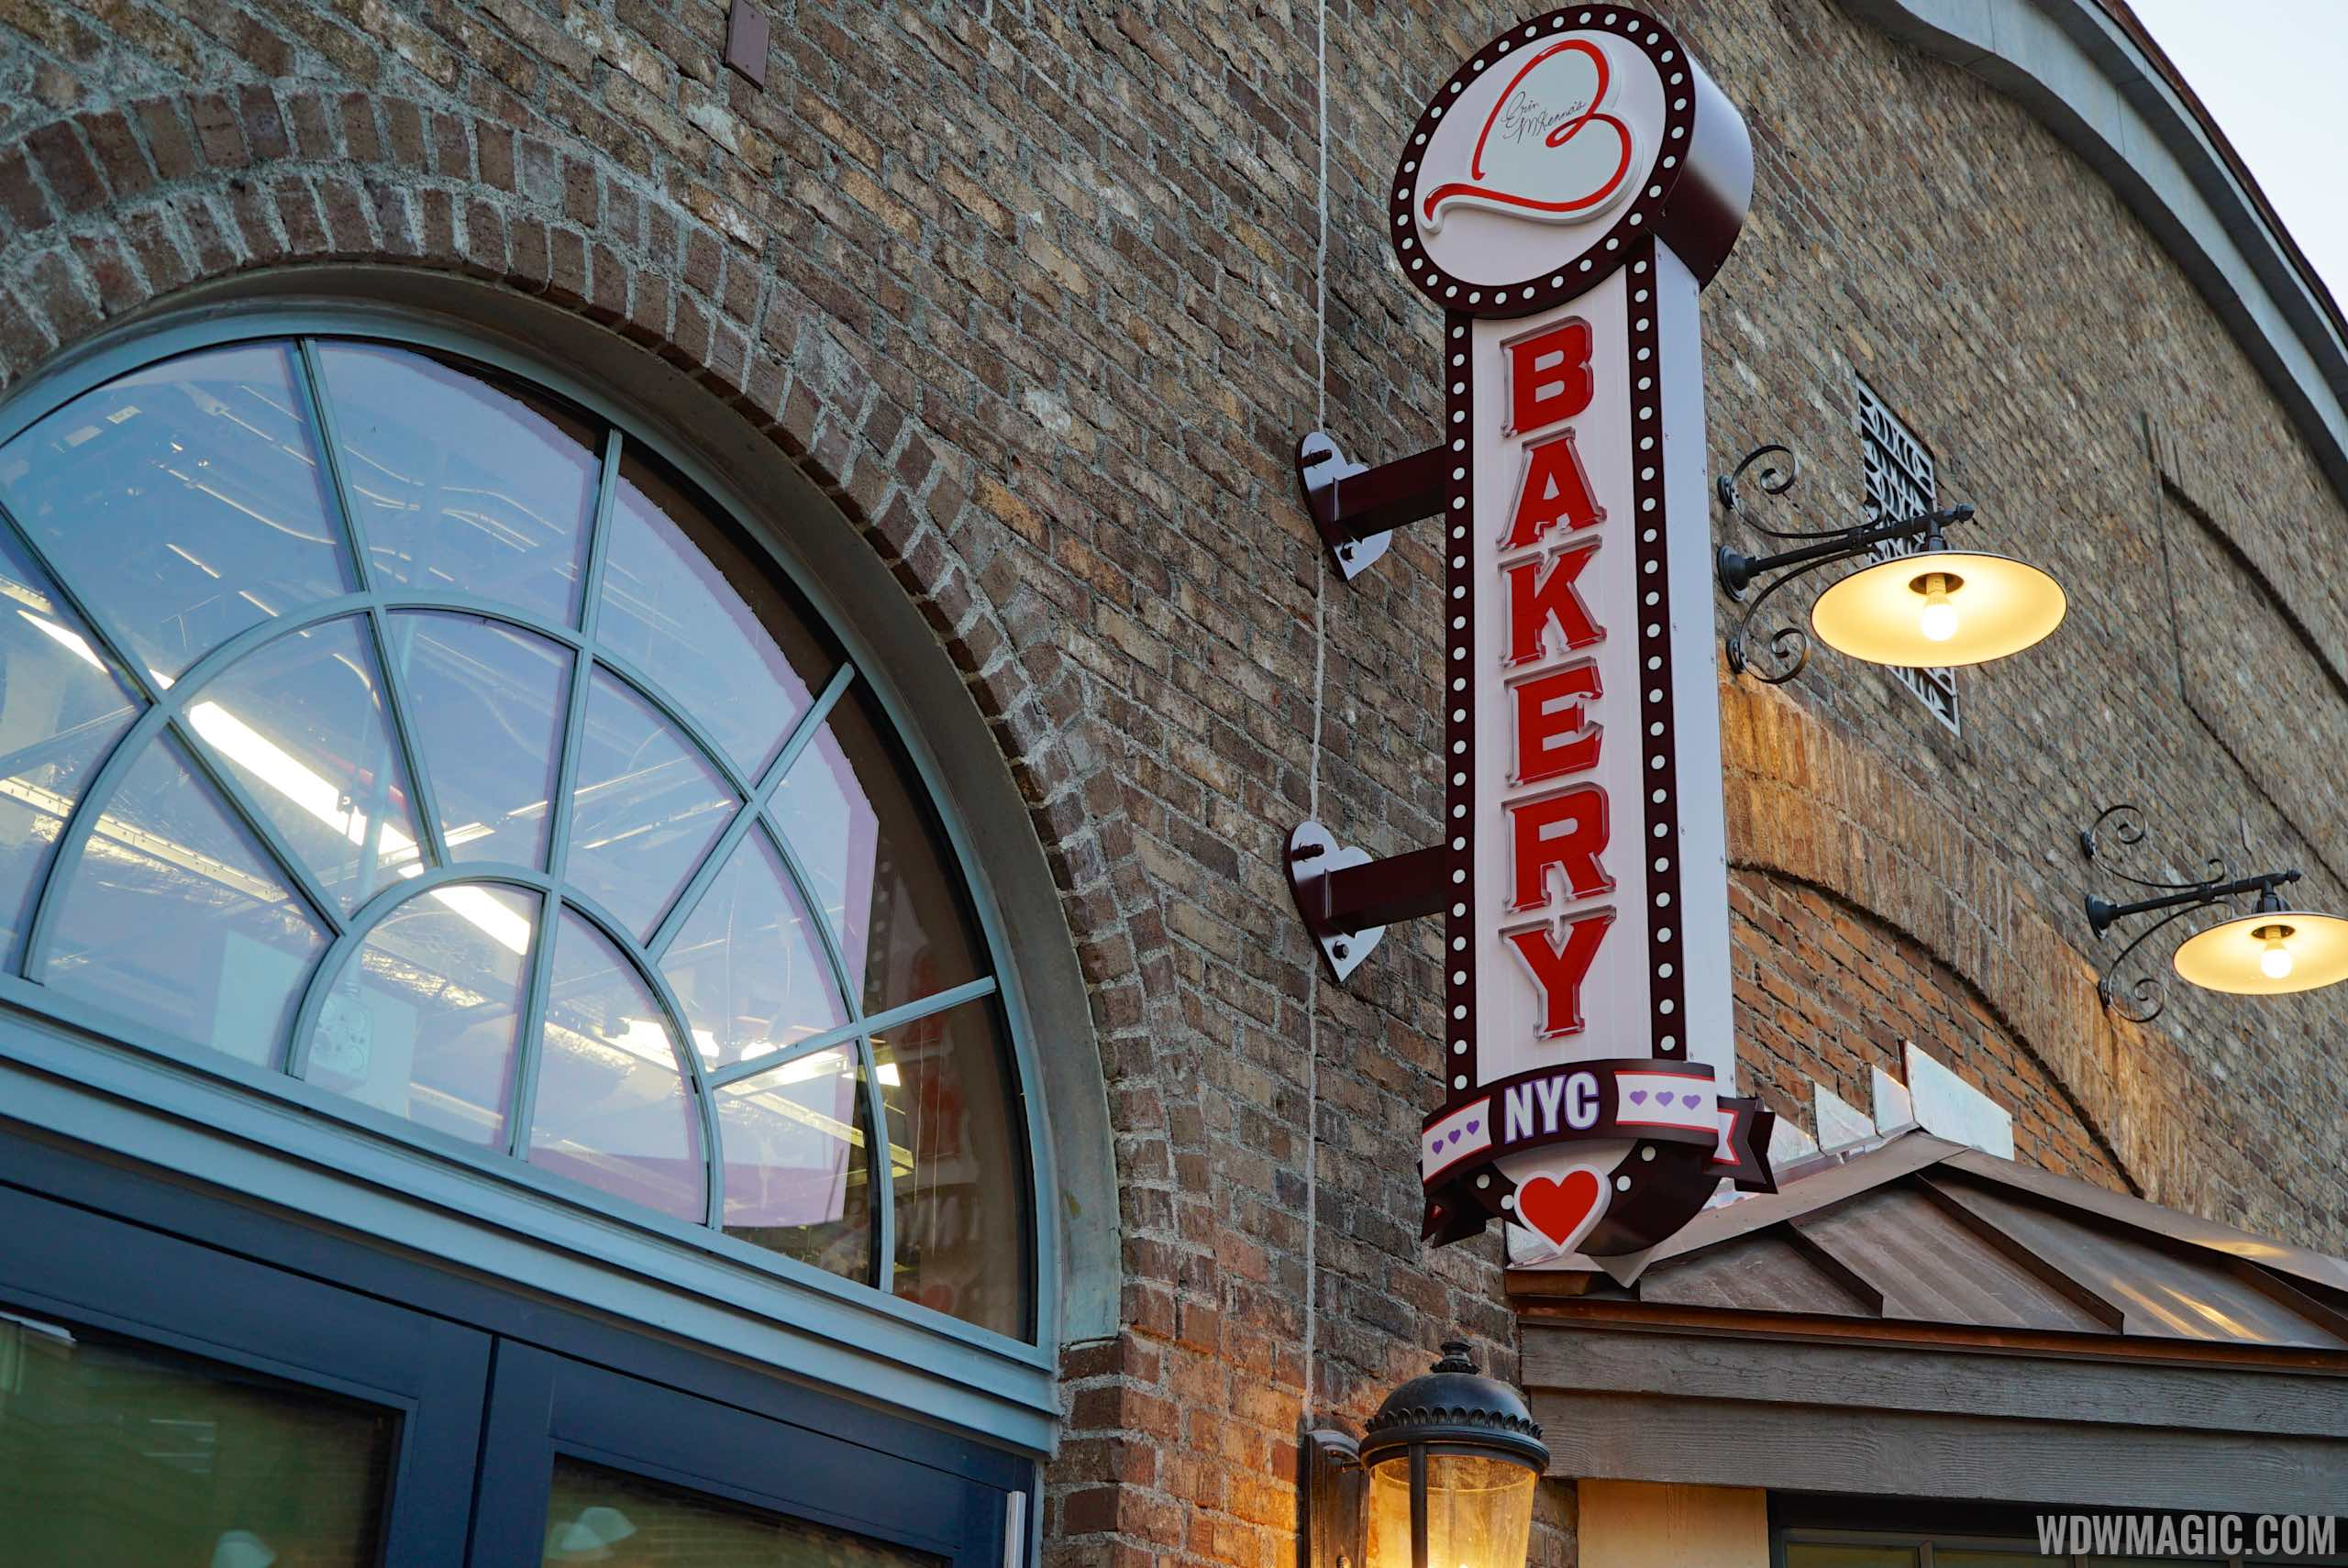 Erin McKenna's NYC Bakery storefront